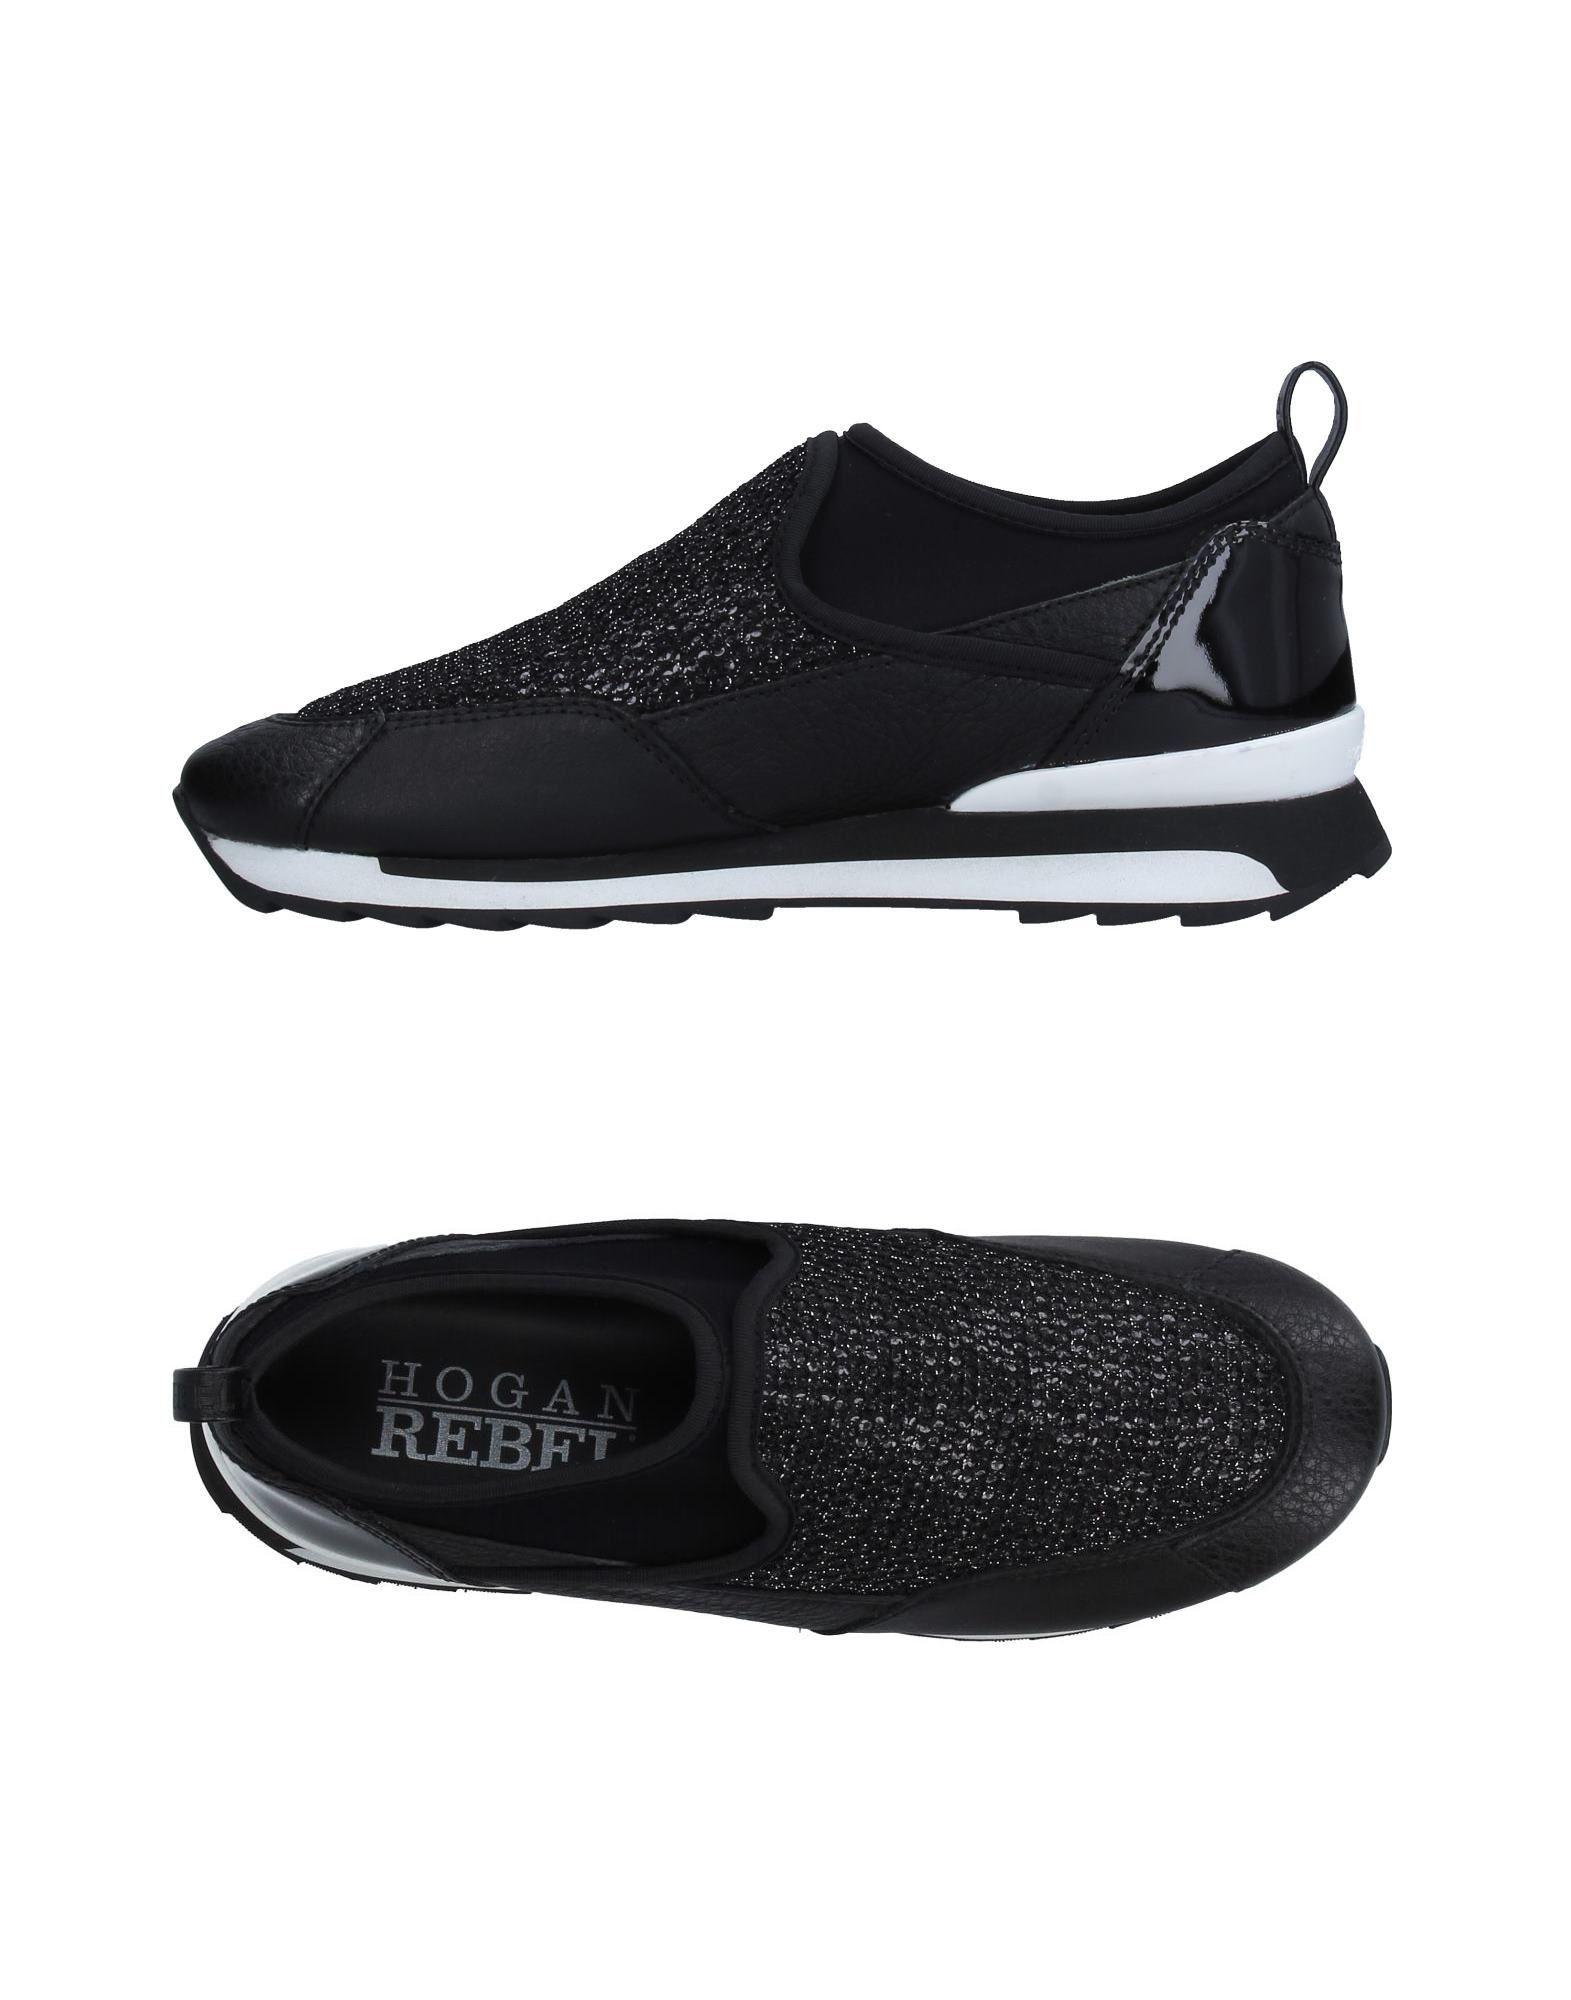 Hogan Rebel Sneakers Damen  11236644UP